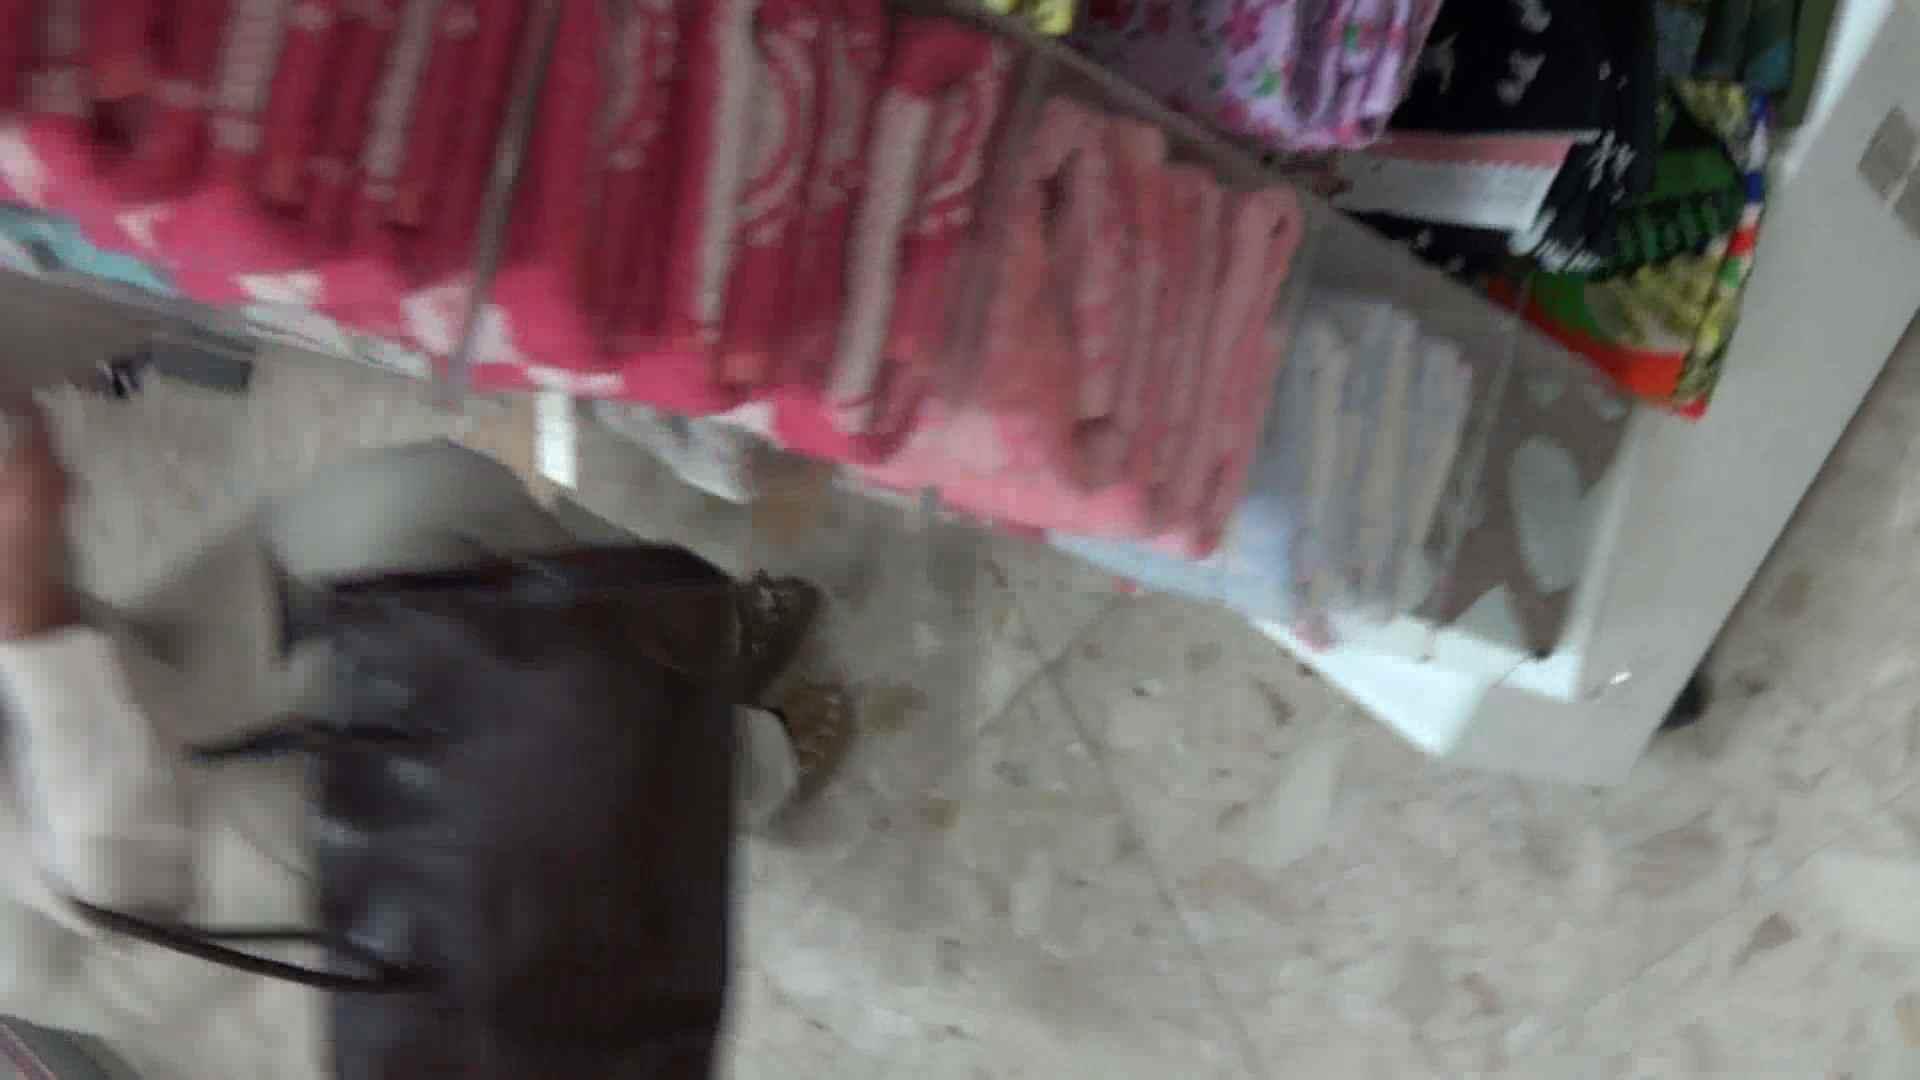 近所のお店は危険がイッパイ vol.9 美しいOLの裸体  104pic 58